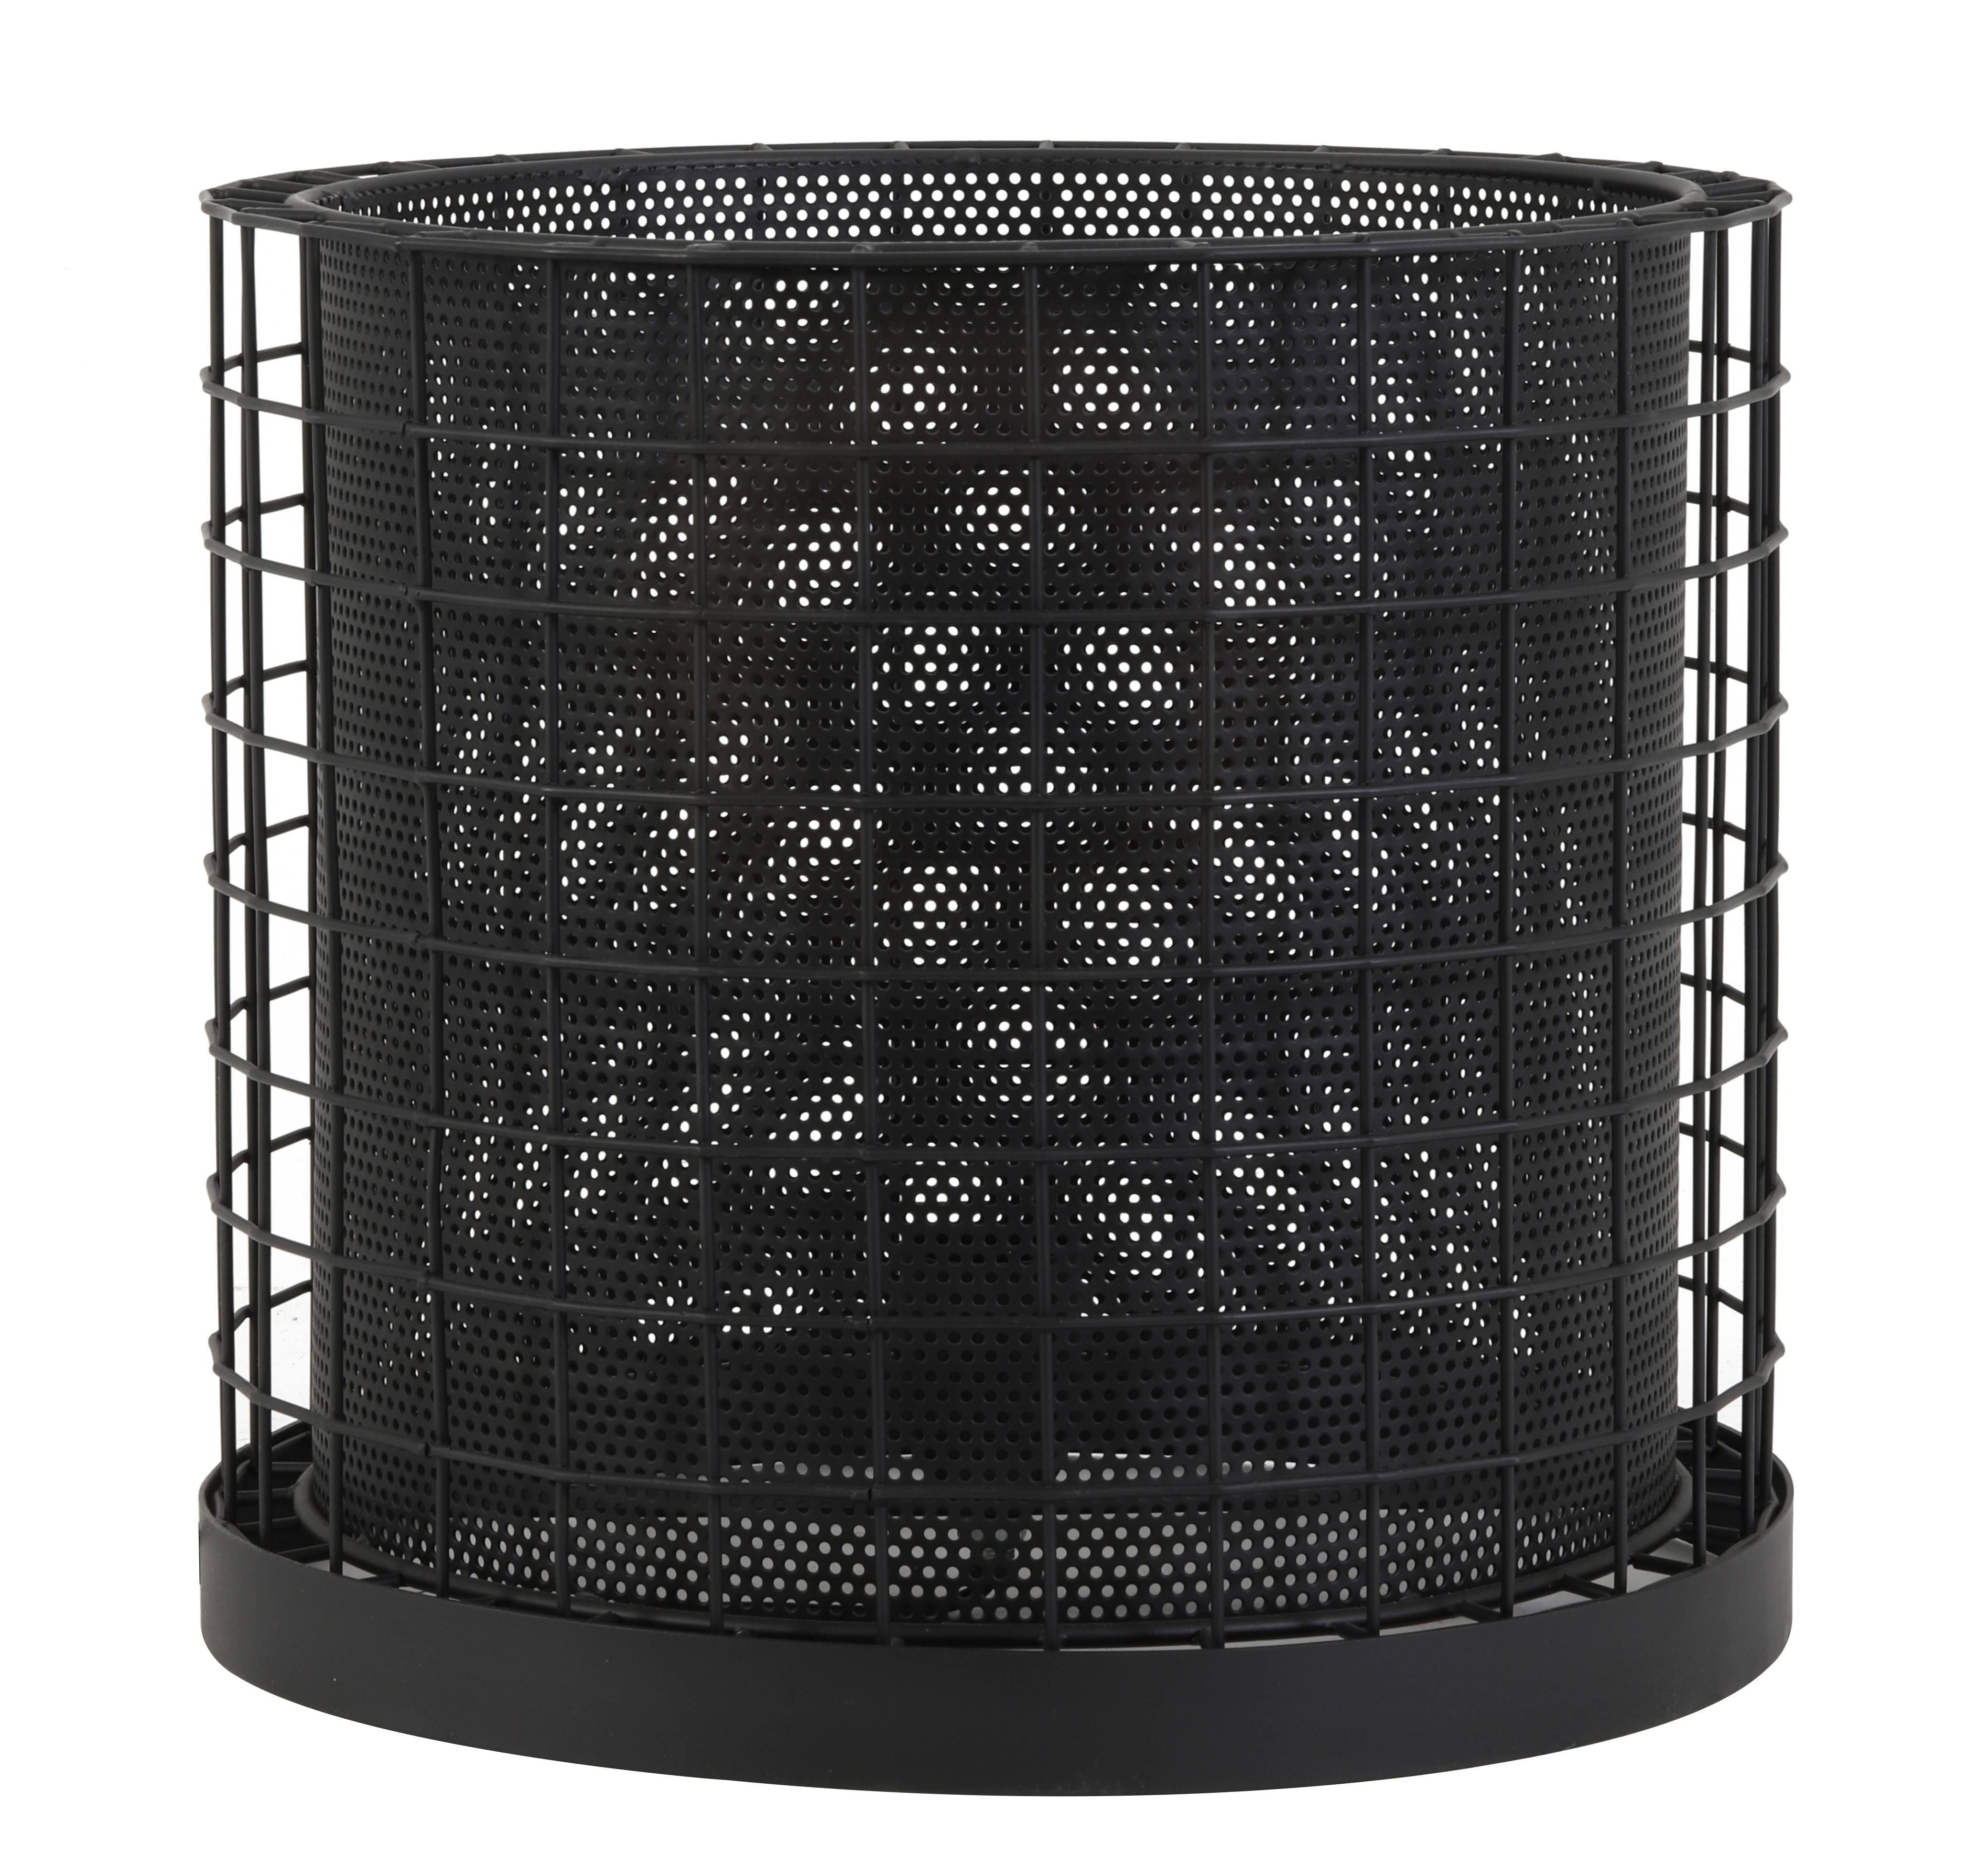 Noire Lampe Industriel Tendance Salon Bureau Métal 30x33cm Luminaire Poser En Ou Couleur De Cajana D'appoint À 5S3jqc4ARL